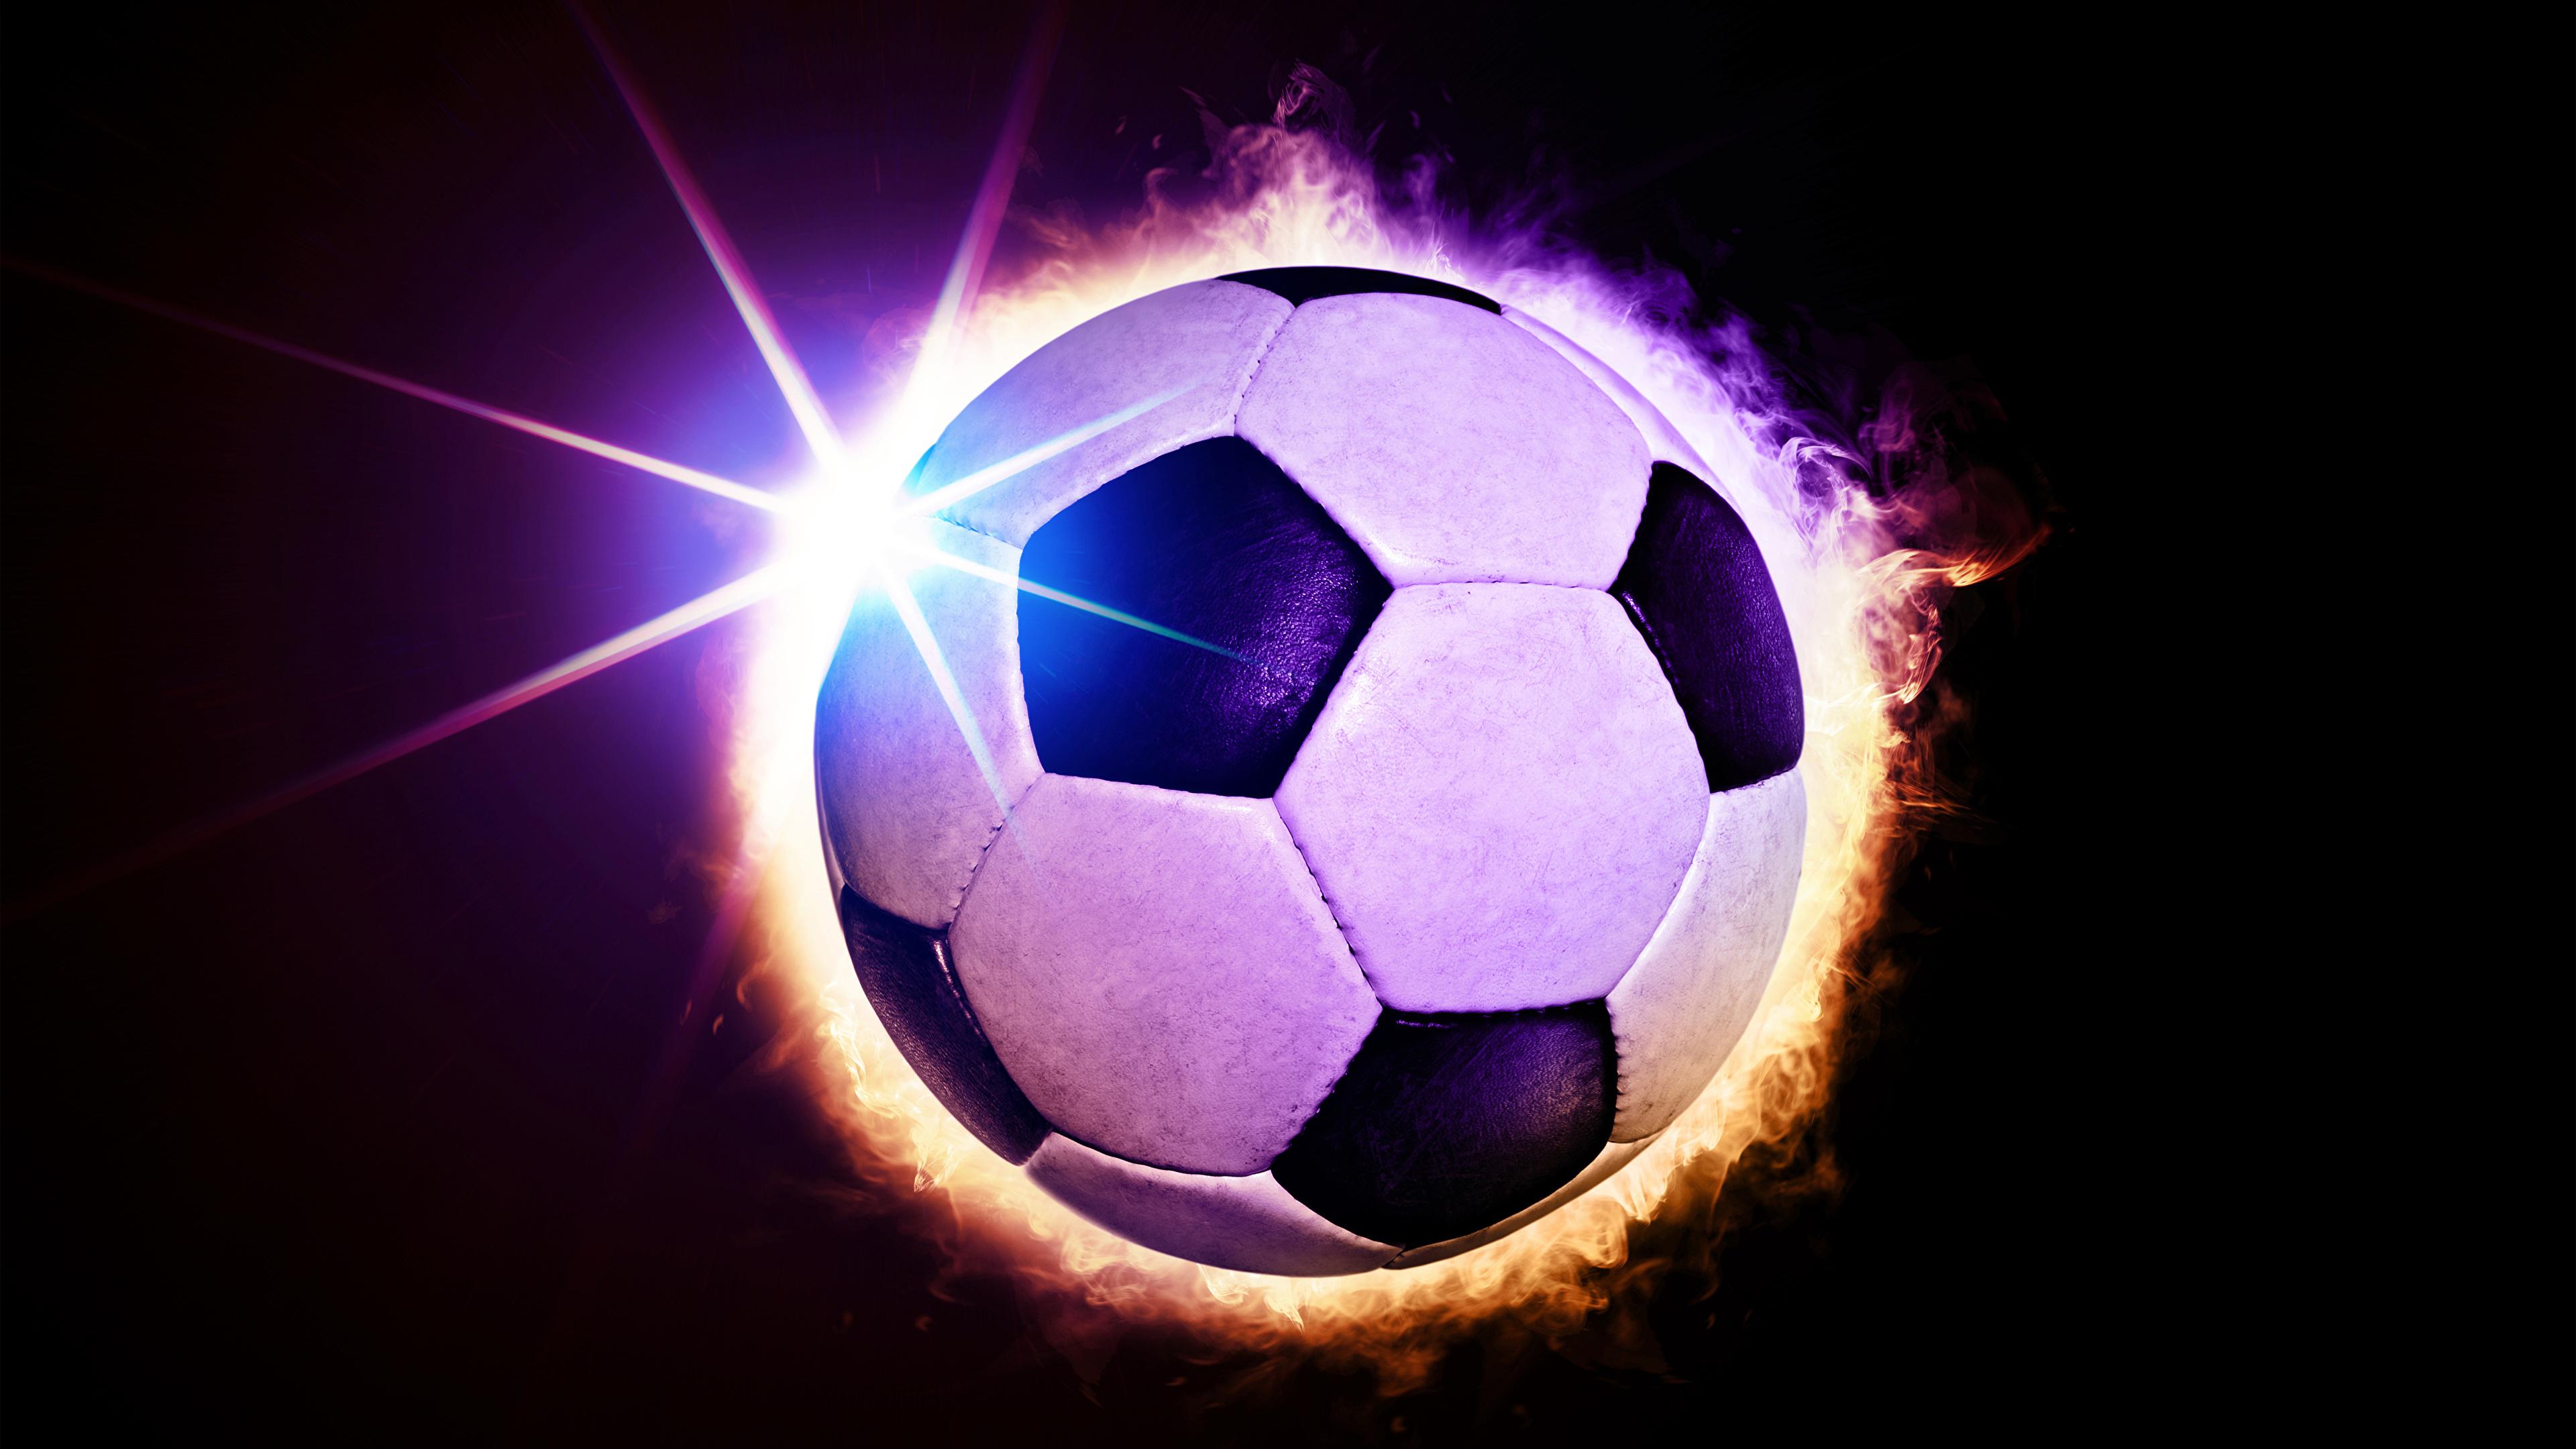 Фотографии Лучи света Футбол спортивный Мяч Черный фон 3840x2160 Спорт спортивная спортивные Мячик на черном фоне